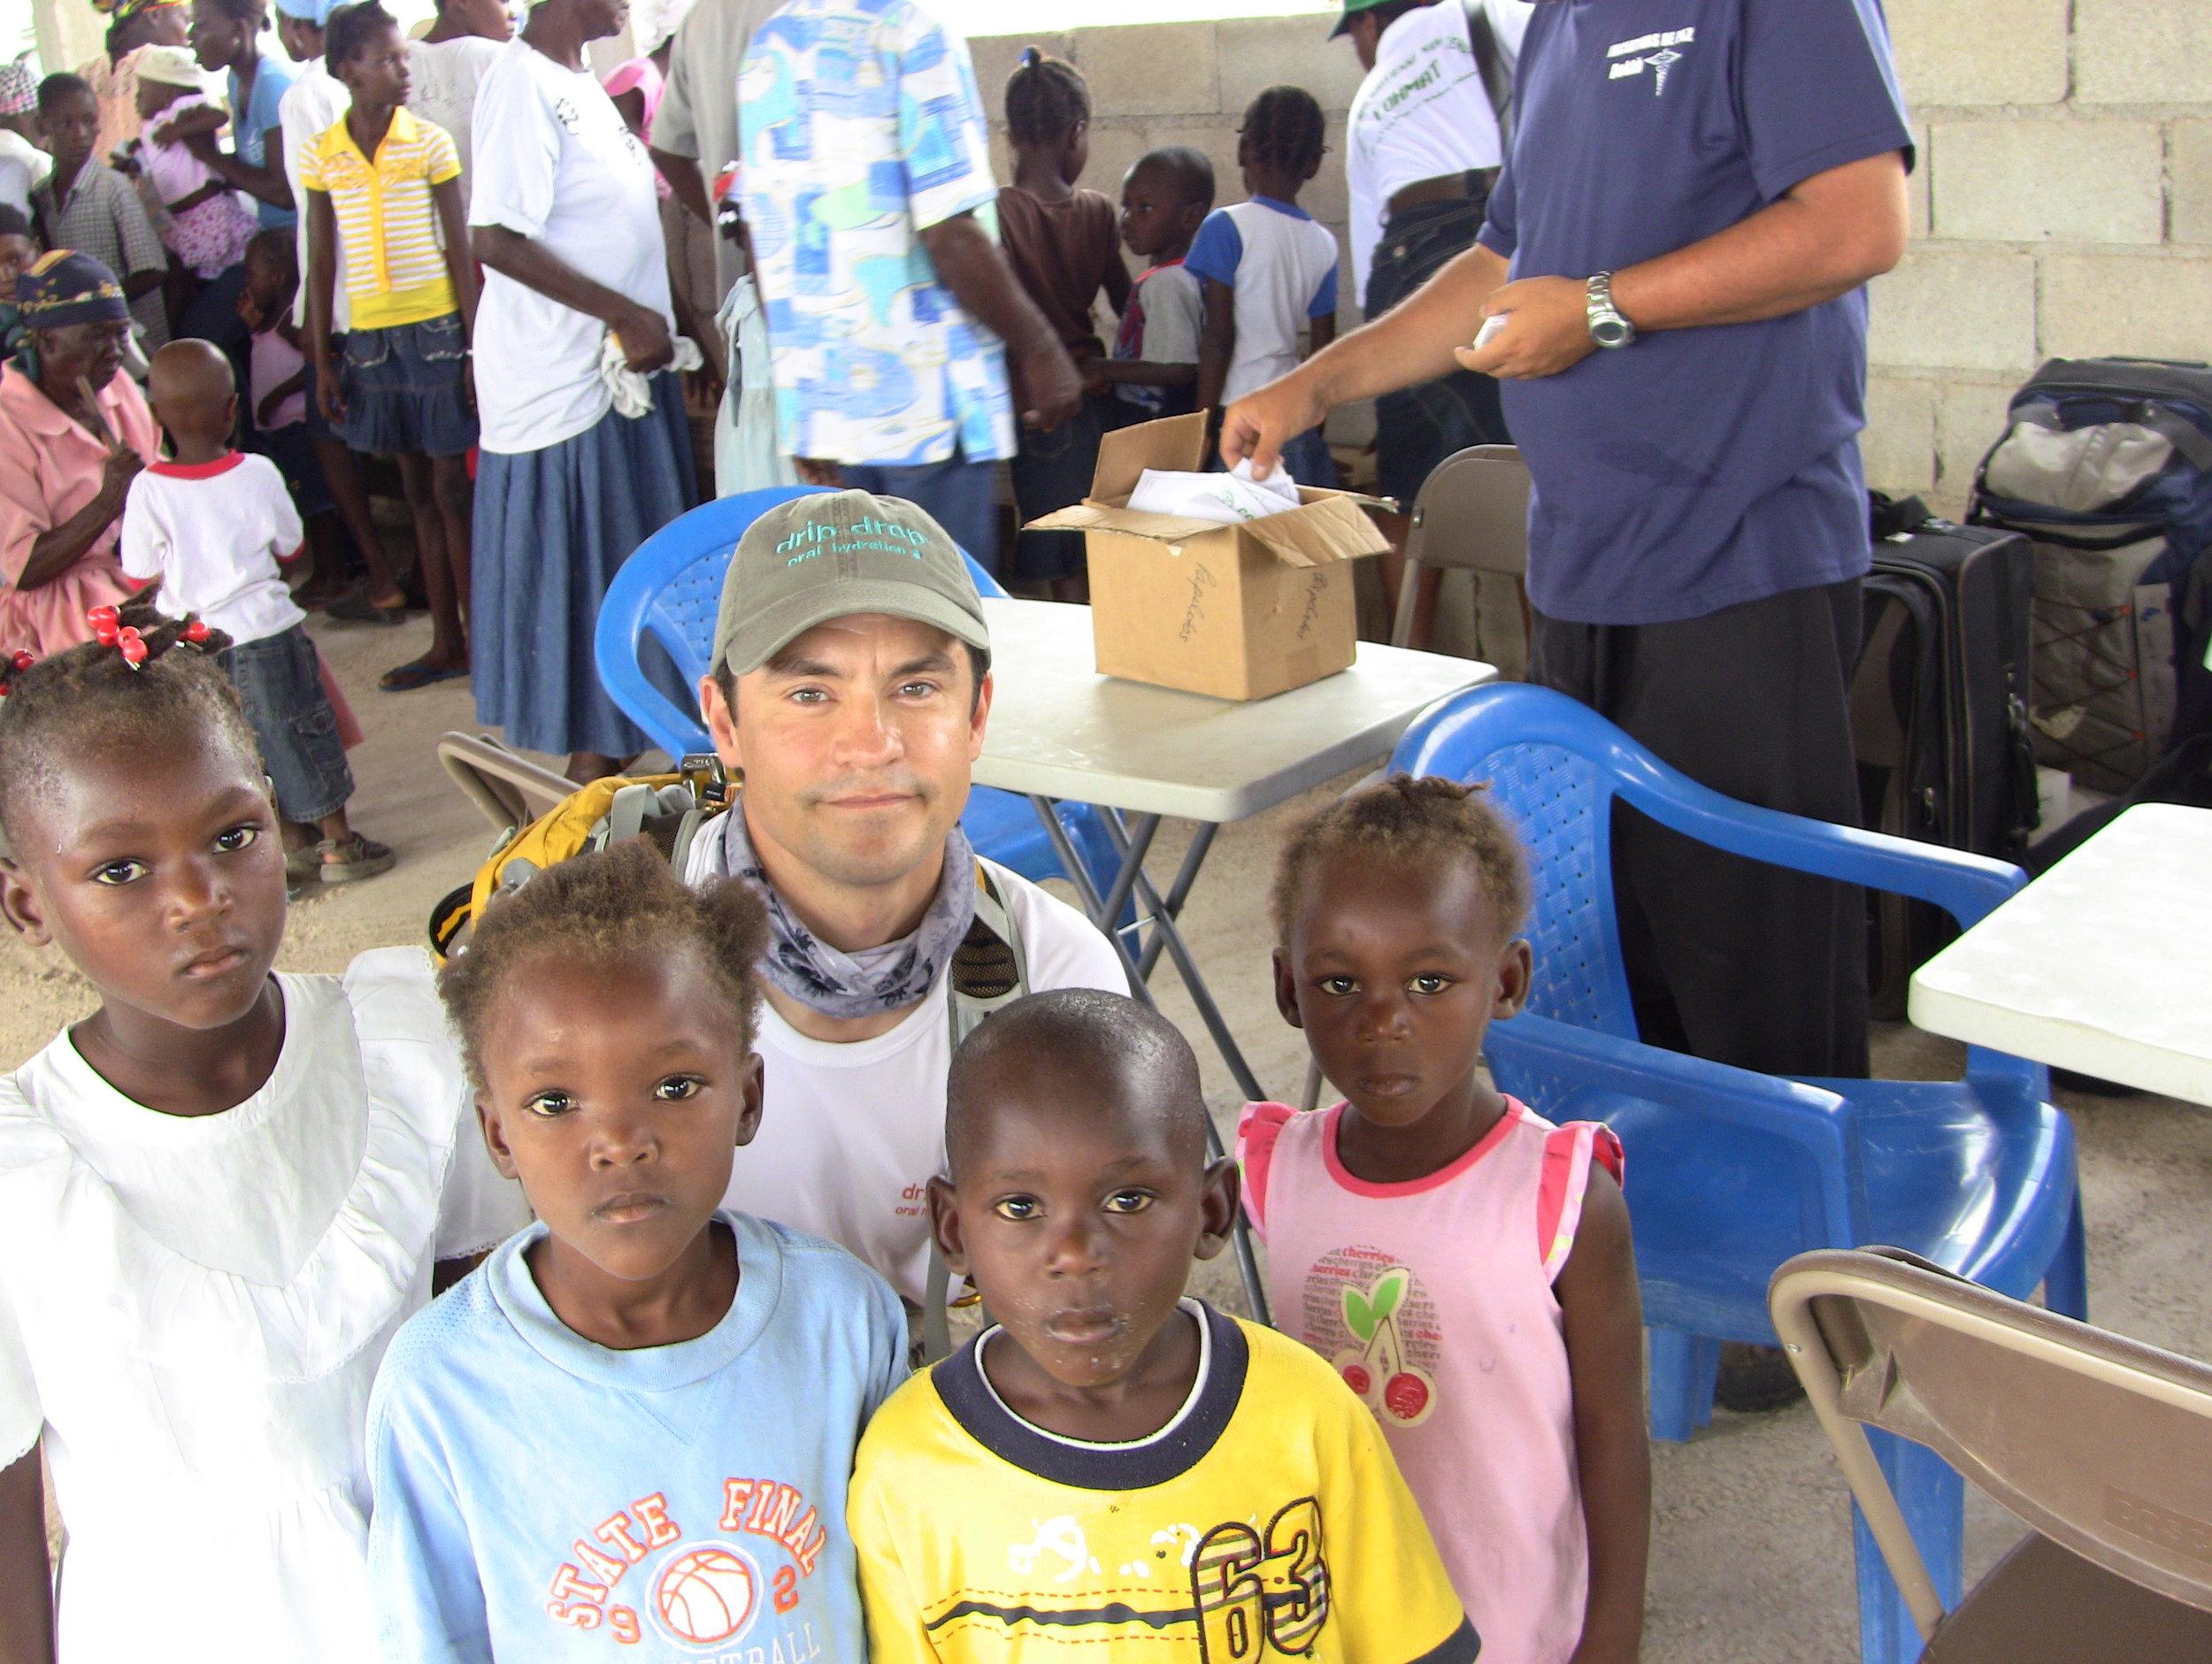 Haiti April 2010 195.jpg